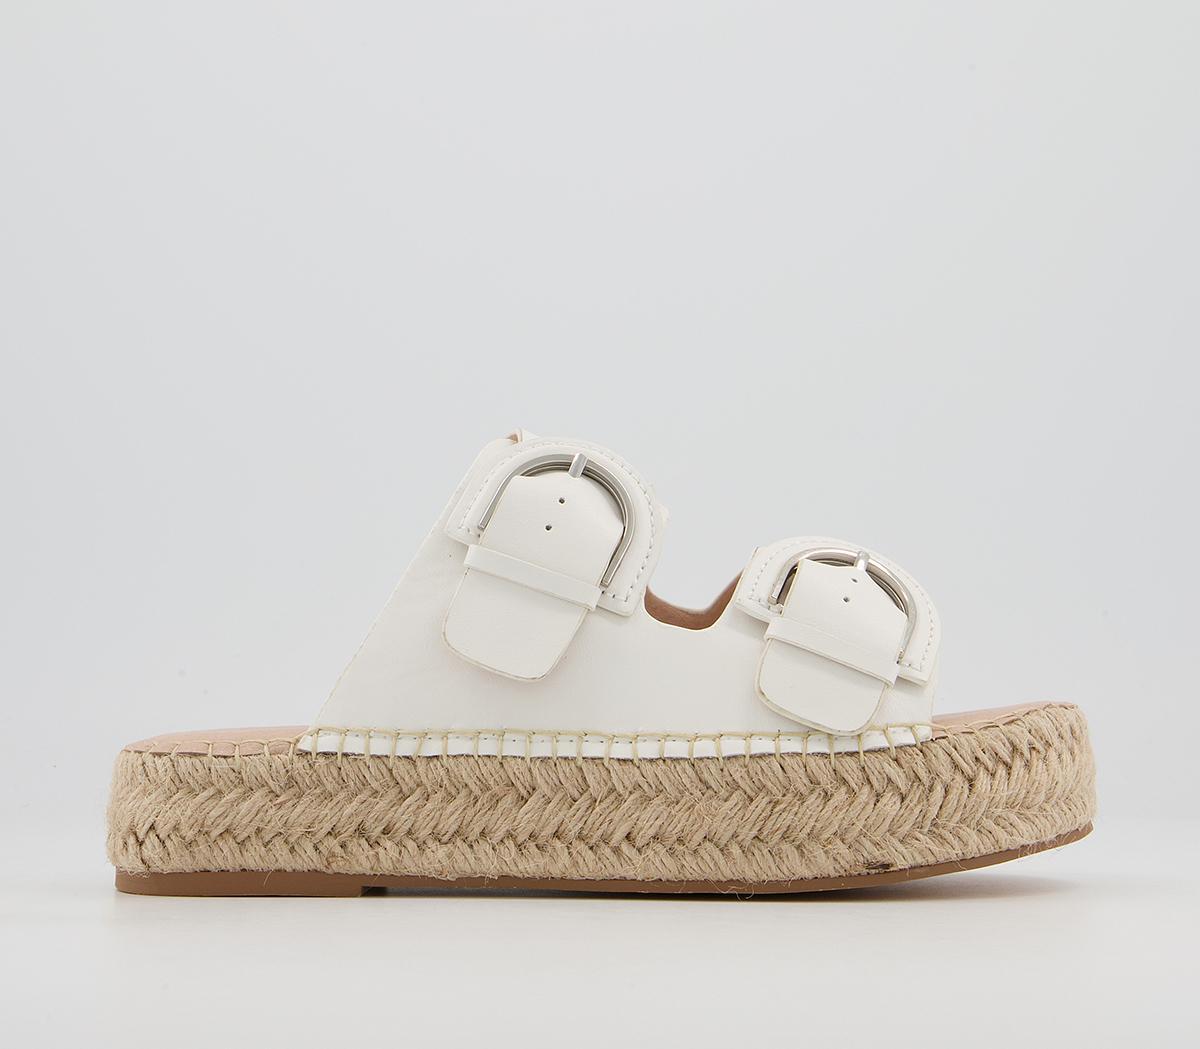 Shiloh Double Buckle Espadrille Sandals